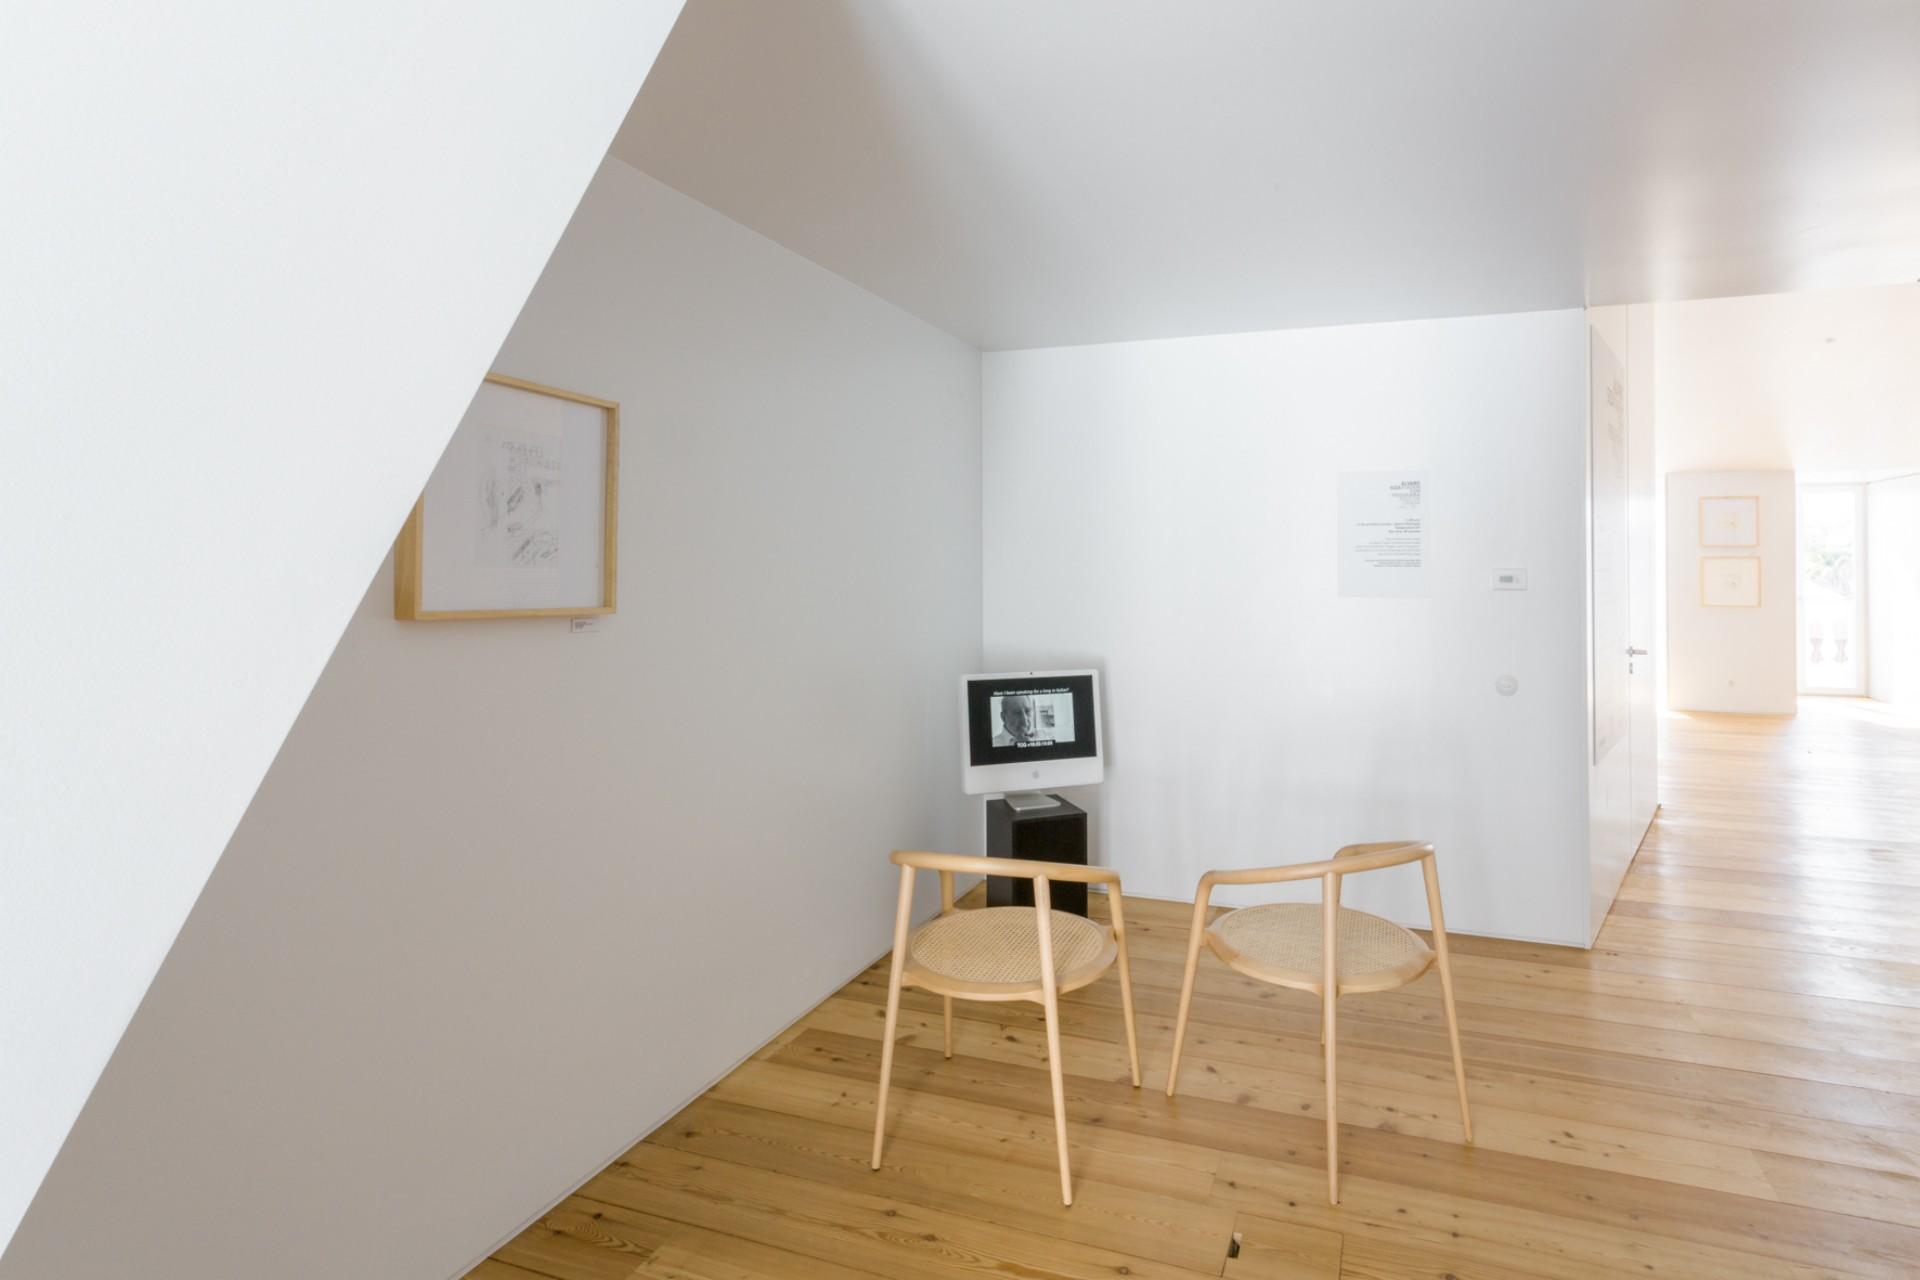 Mostra Álvaro Siza Viagem Sem Programa Lisbona